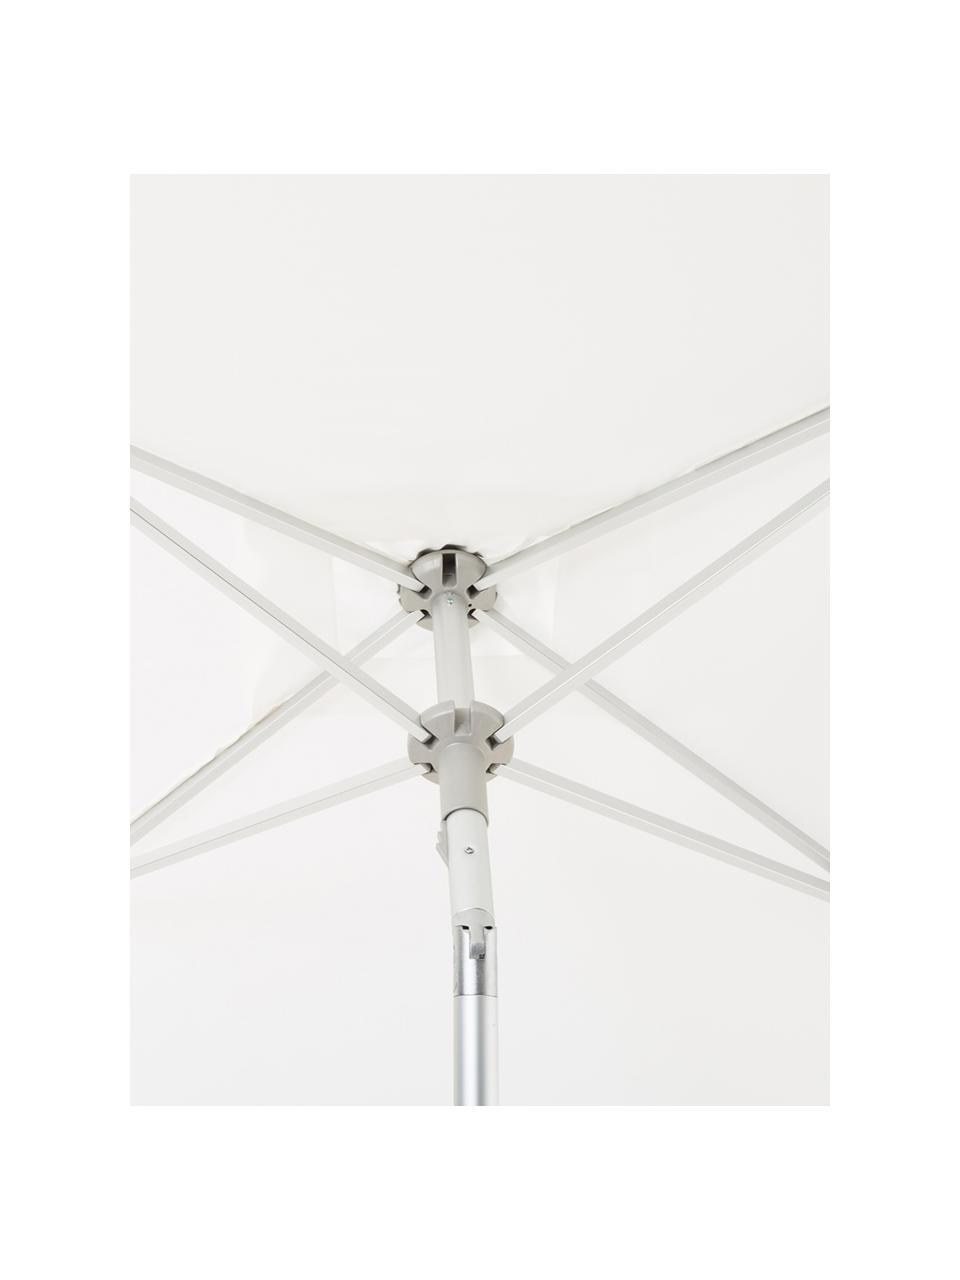 Höhenverstellbarer Sonnenschirm Elba, abknickbar, Gestell und Streben: Aluminium Bespannung: Weiß, 150 x 250 cm